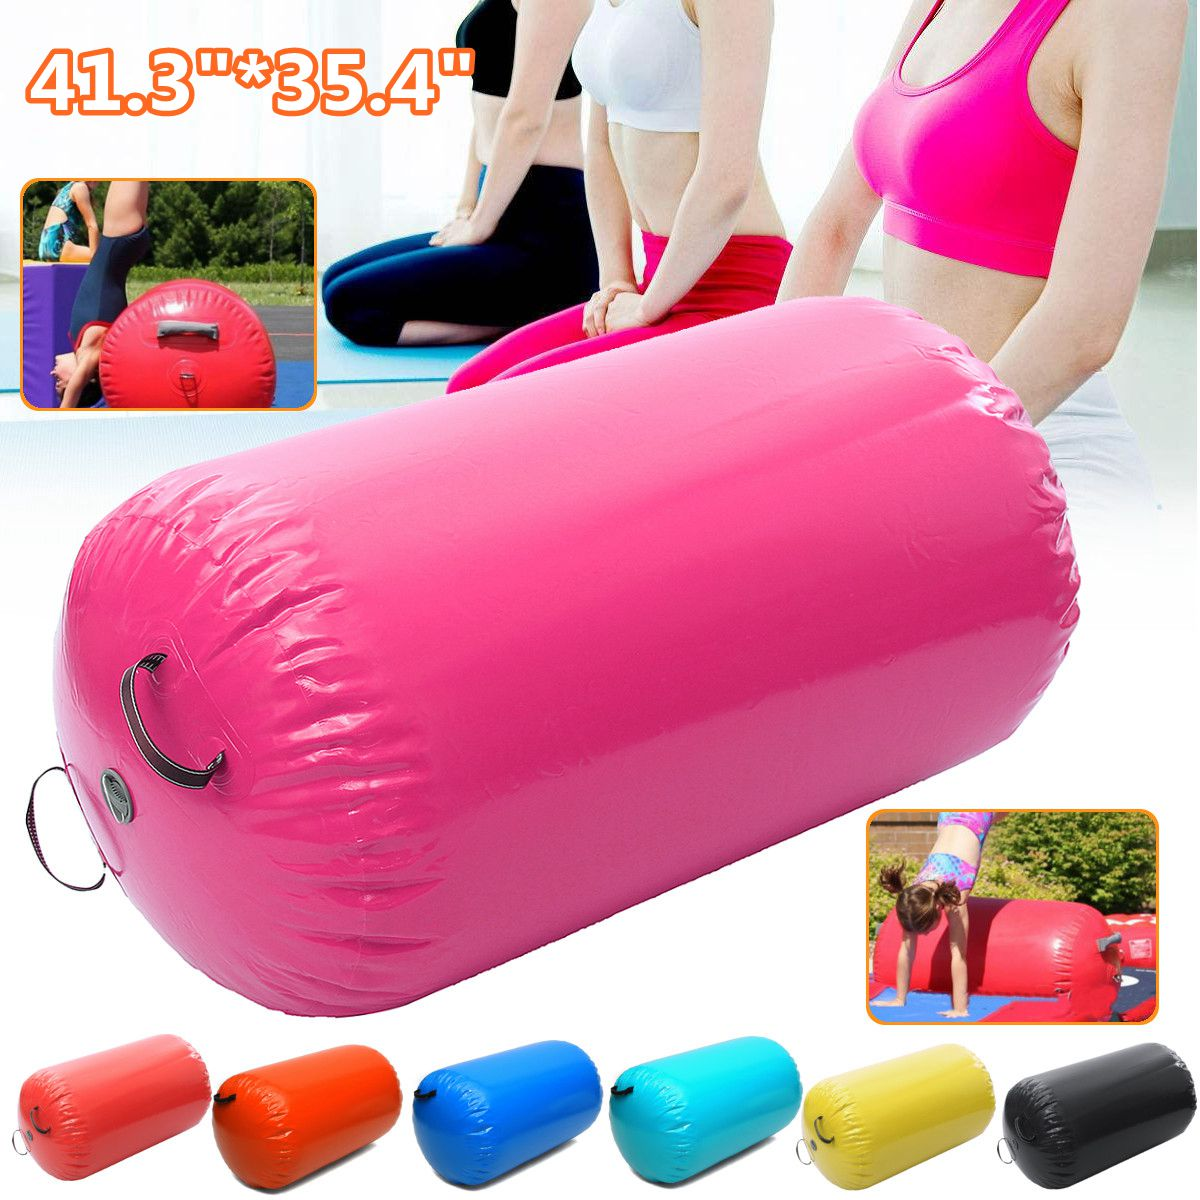 35,49x41,39 pulgadas 105x90 cm inflables de gimnasia aire rollos haz Yoga gimnasia cilindro Airtrack ejercicio